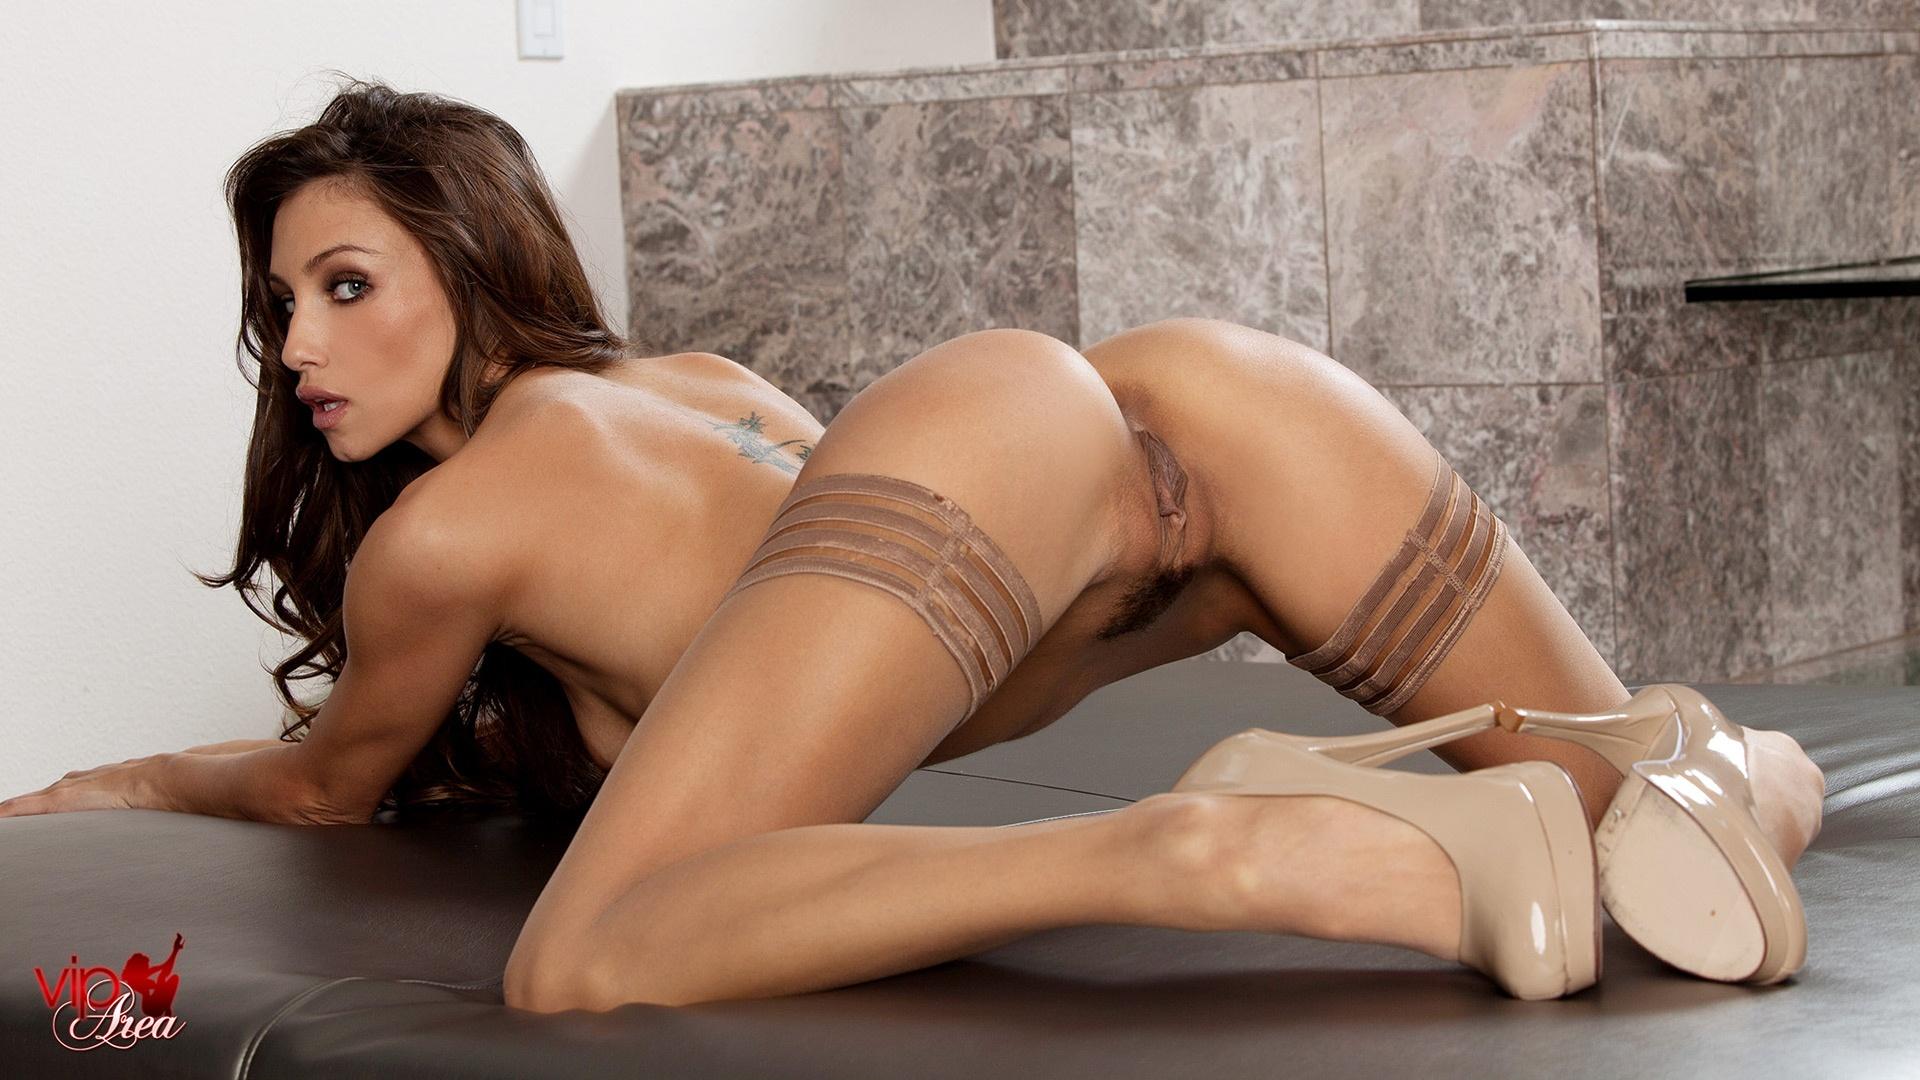 Celeste star naked